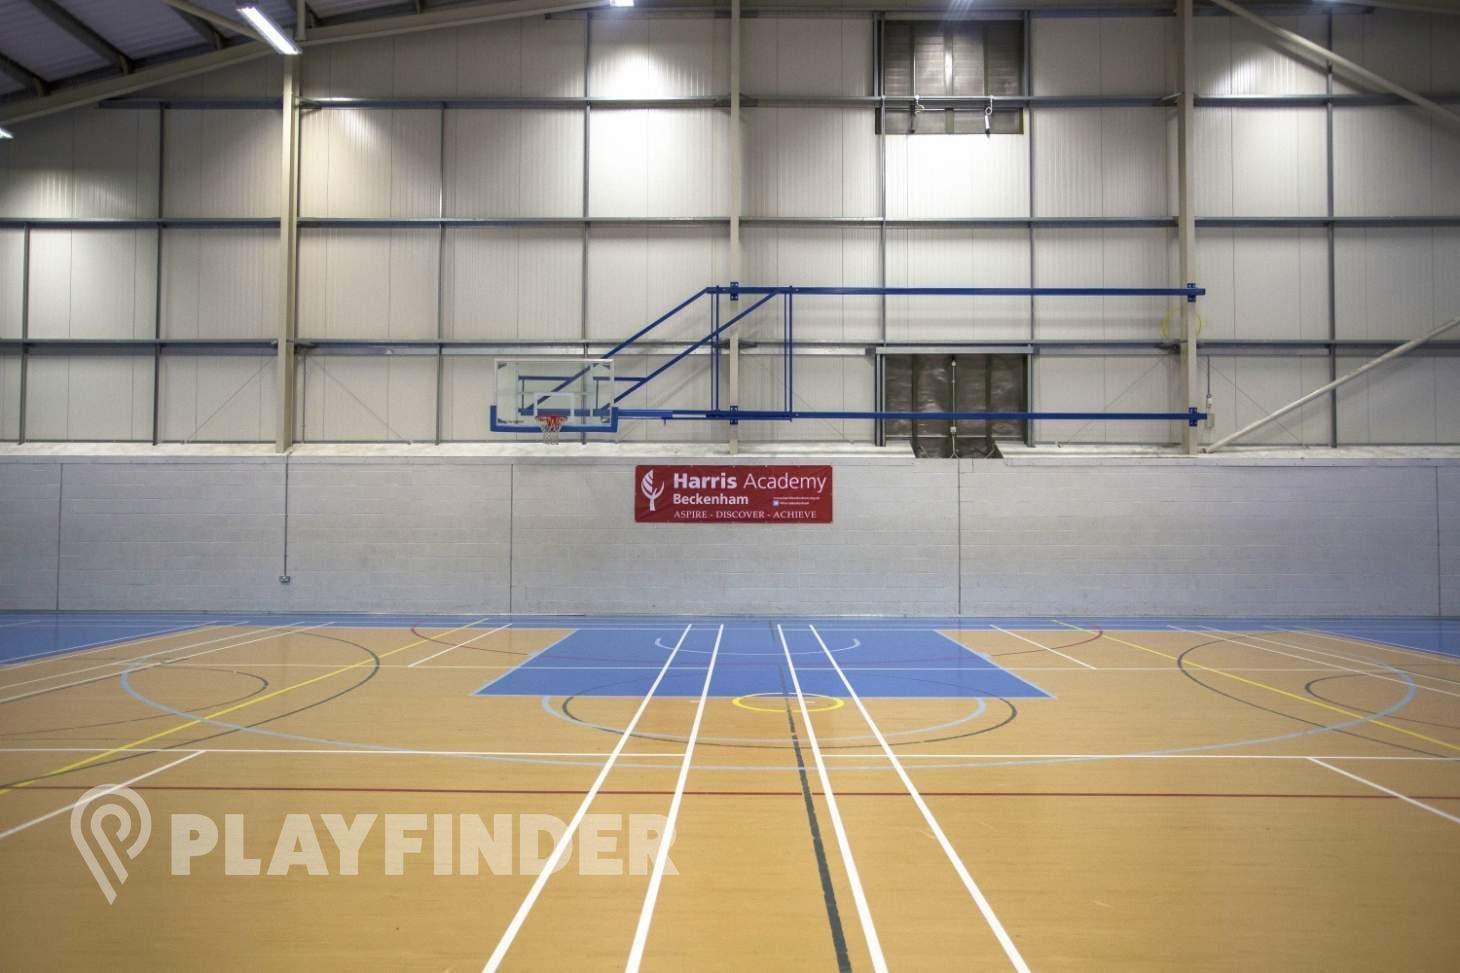 Harris Academy Beckenham Indoor | Hard badminton court